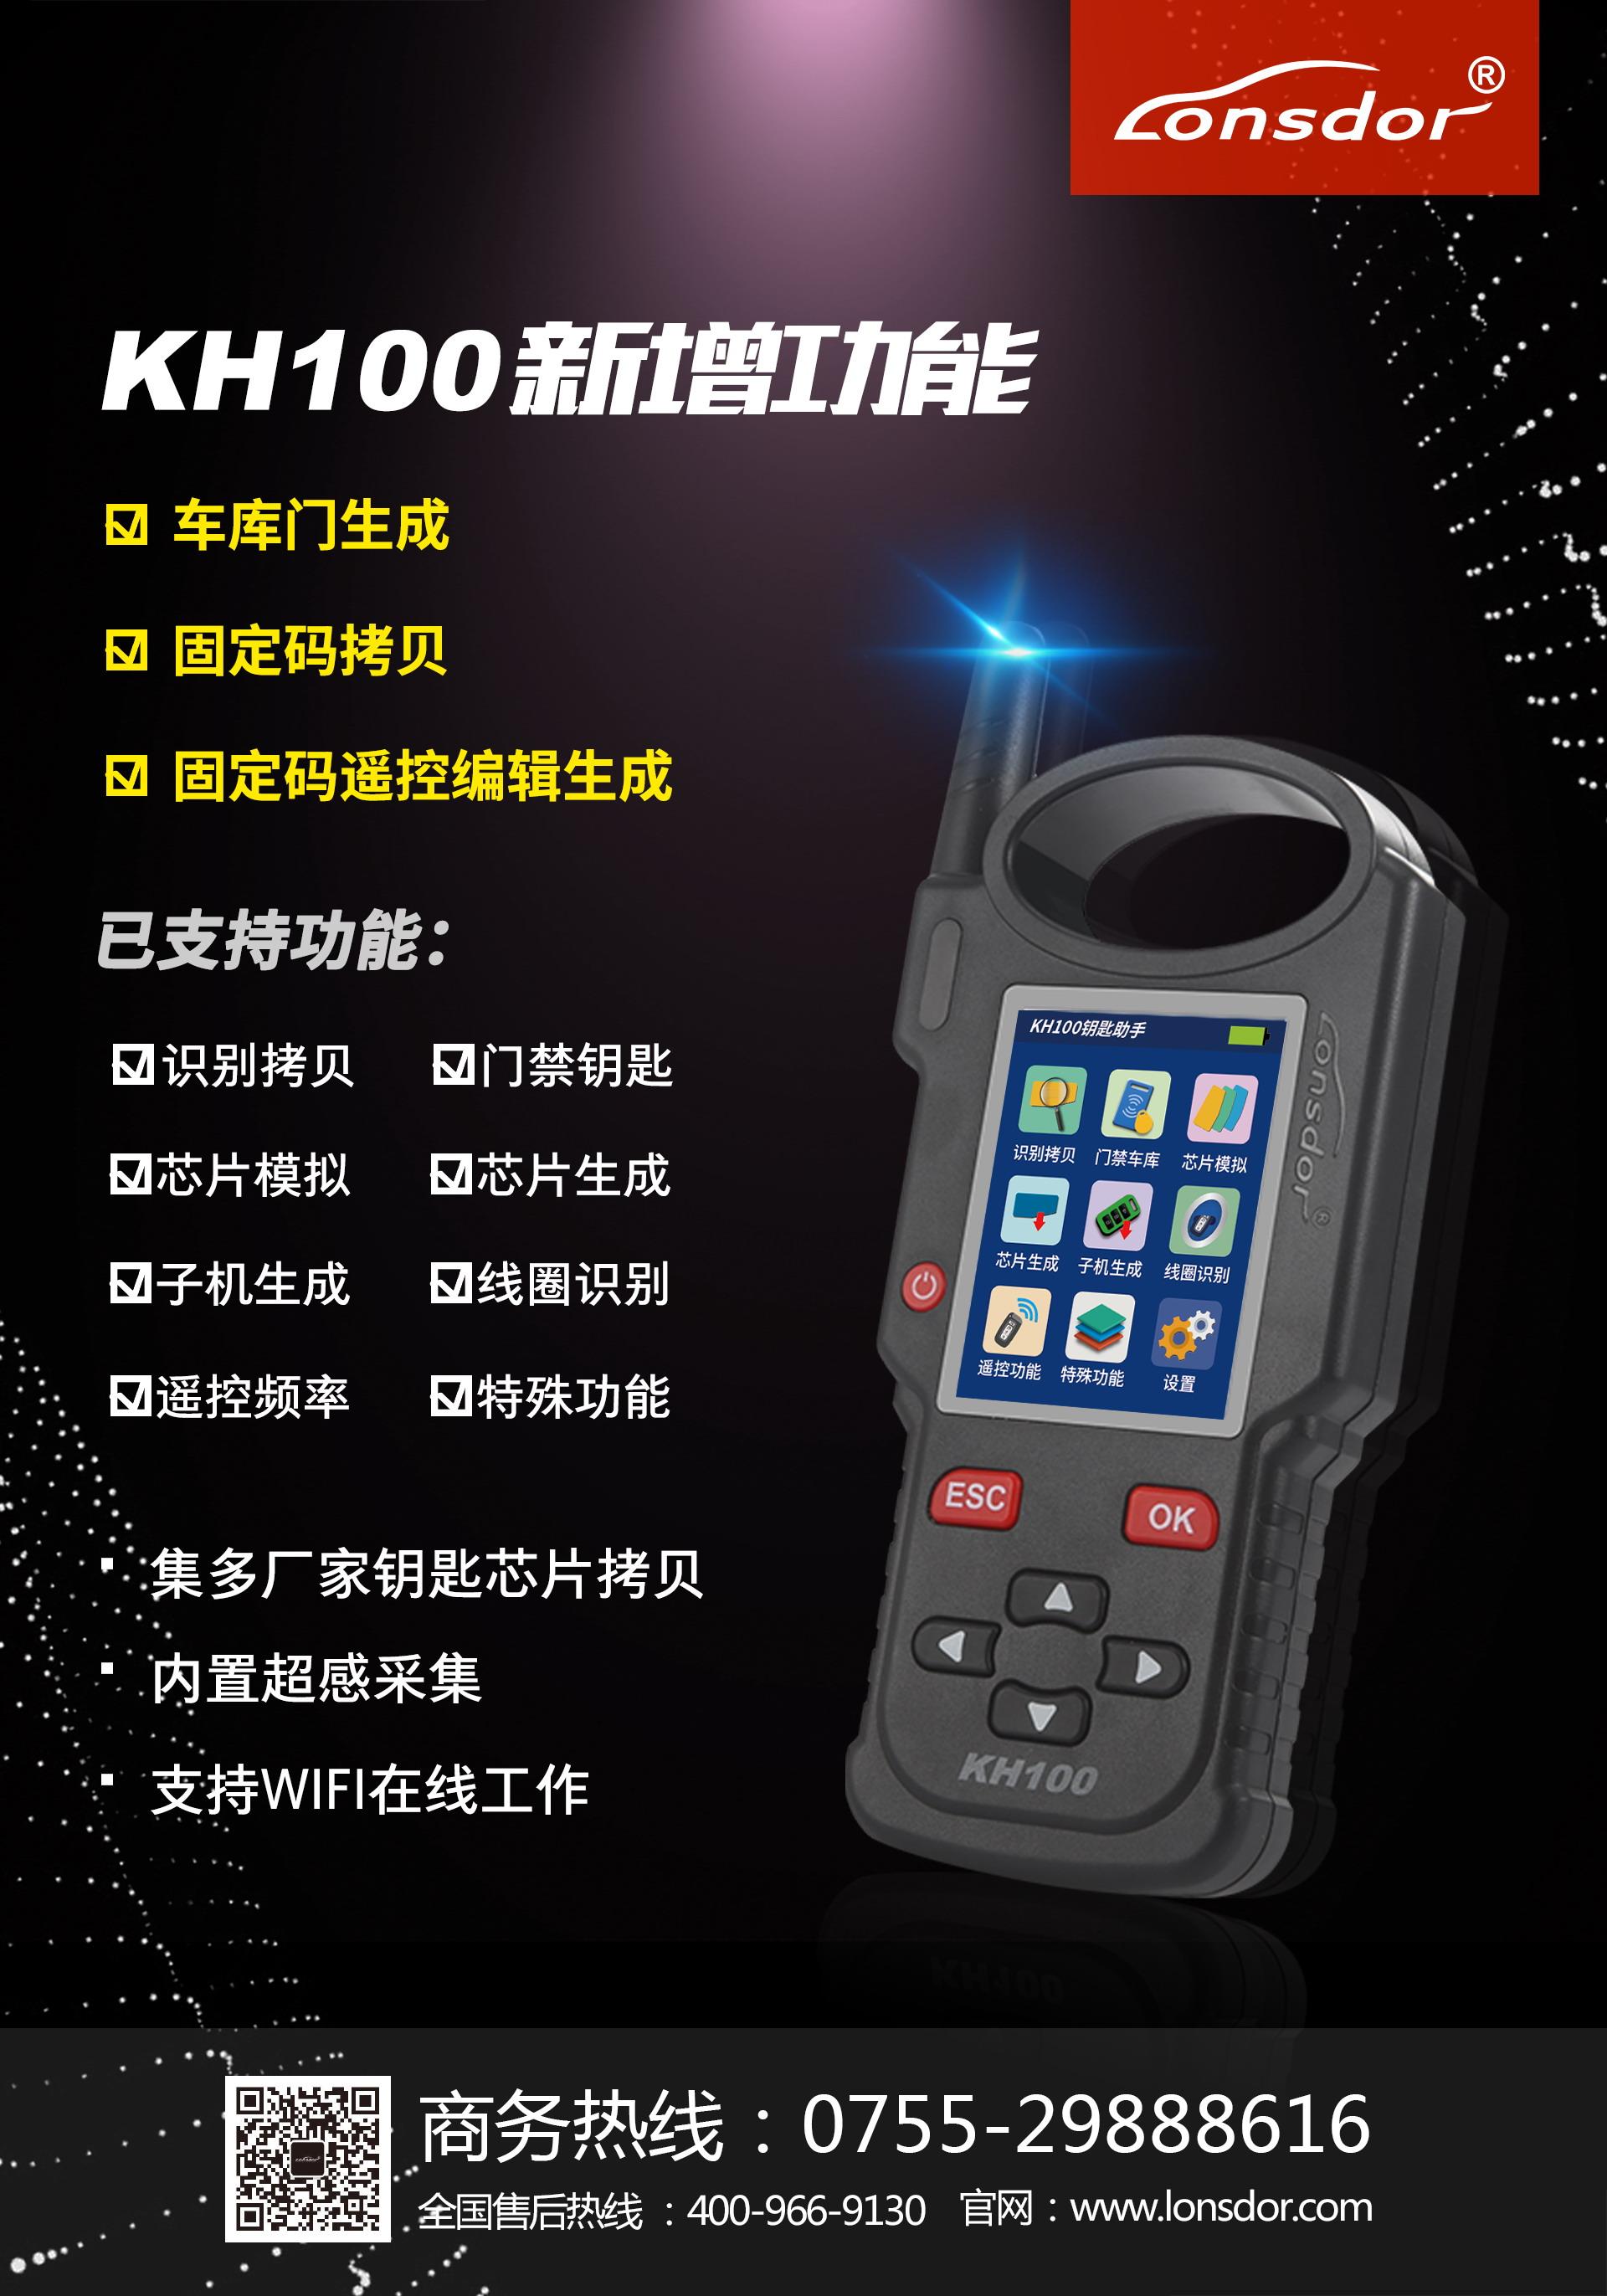 KH100新增功能